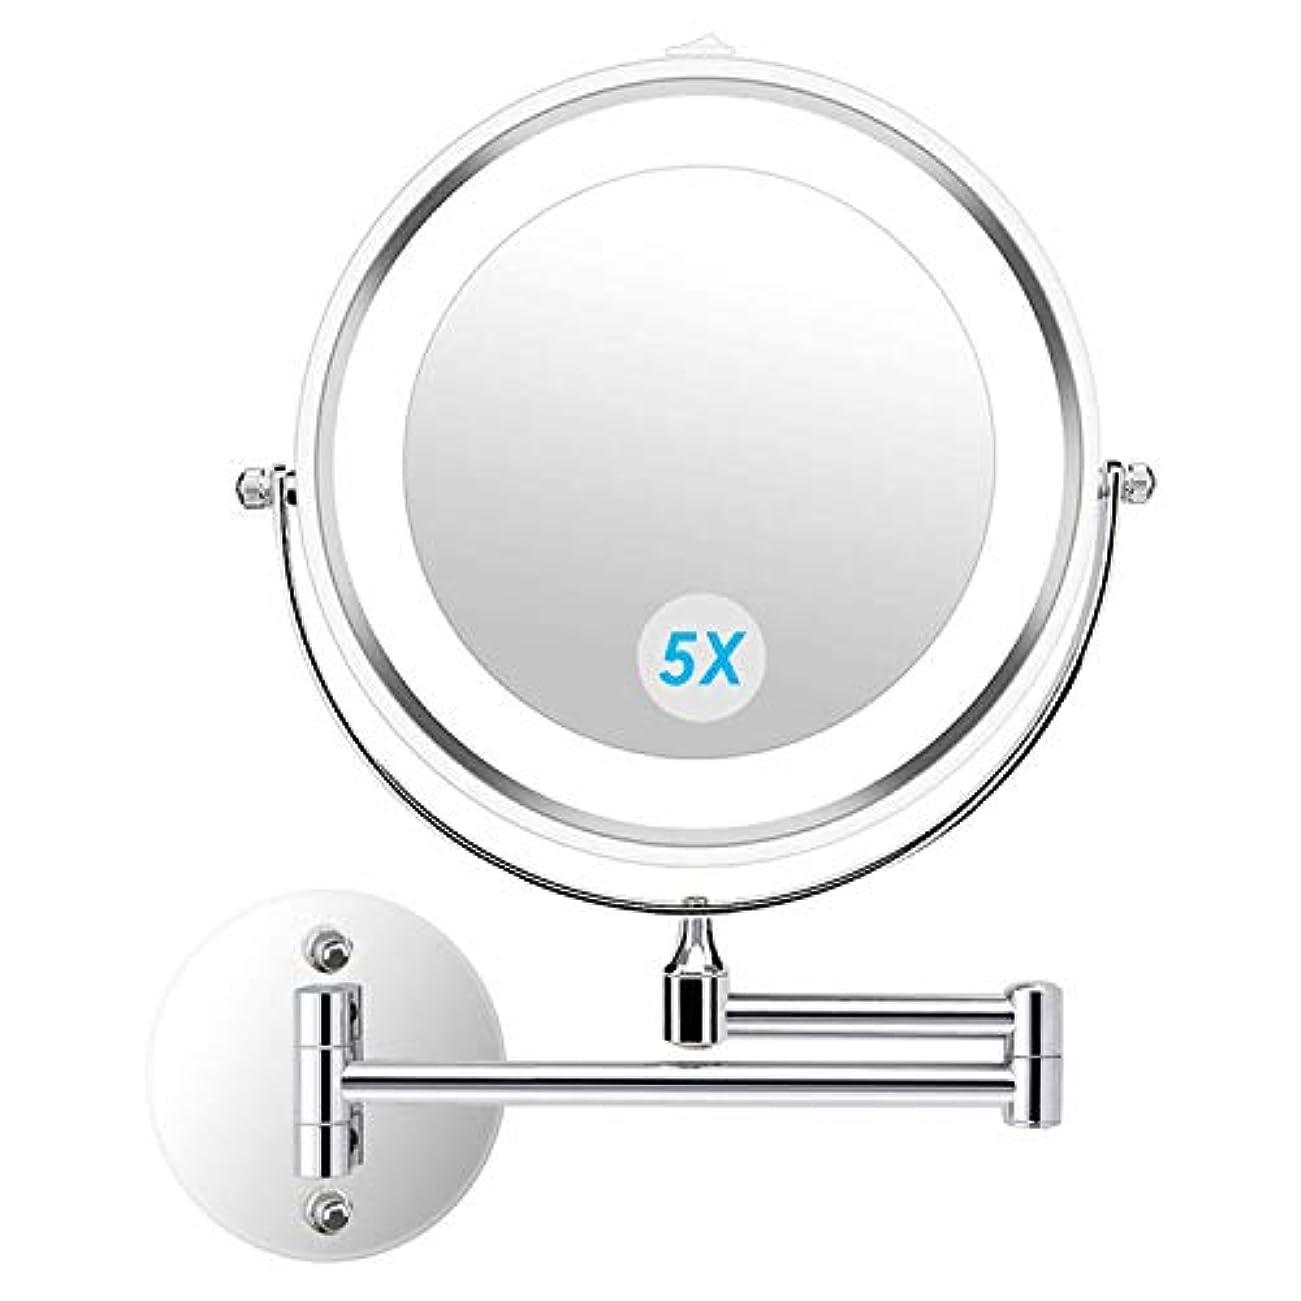 政治家必要コンテンツalvorog 壁掛け化粧鏡 4個 電池で駆動バスルームホテル用照明付き両面5倍 倍率360度 スイベル延長化粧化粧鏡を導きました 7